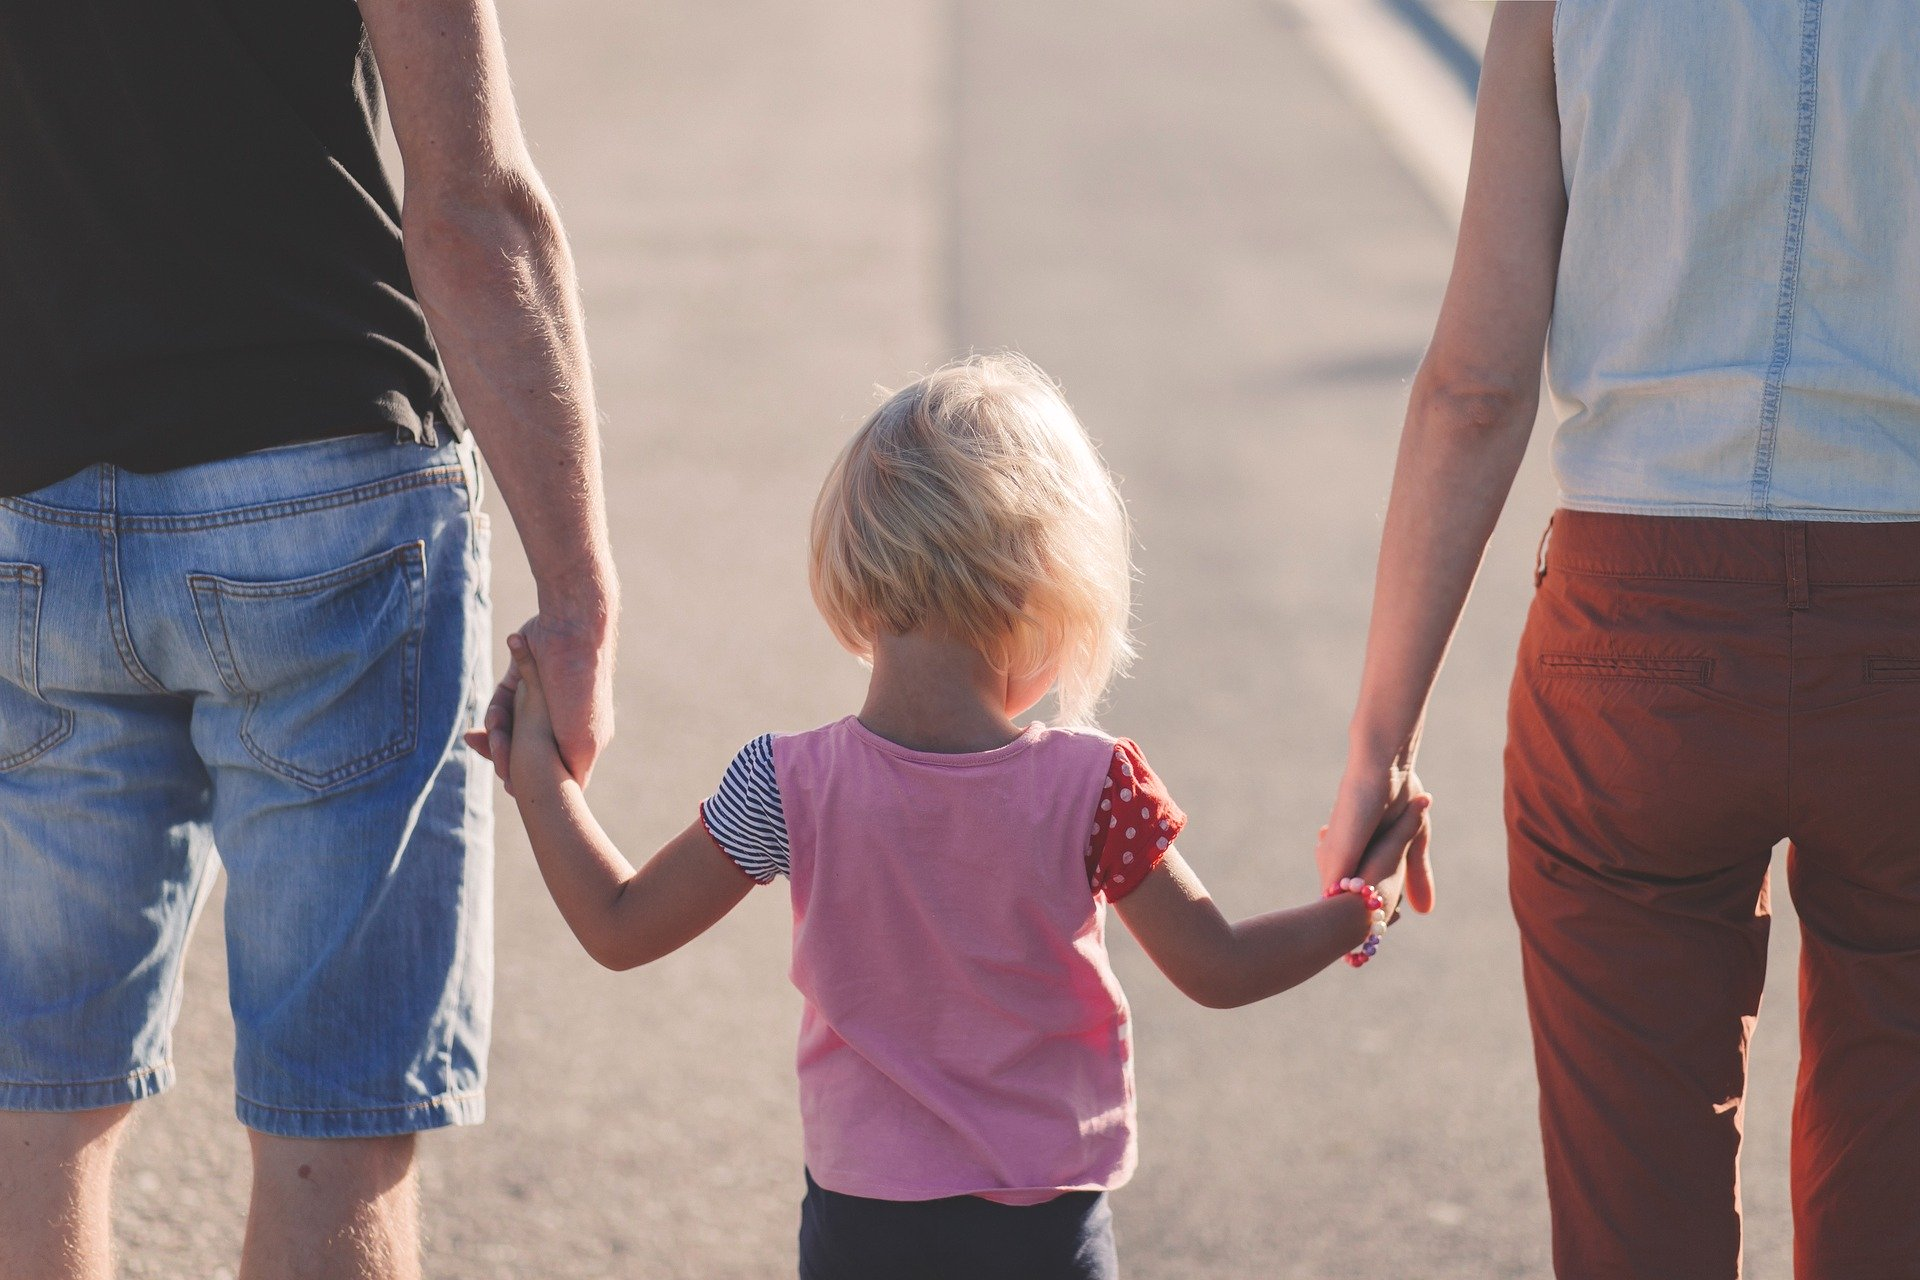 Свыше 52 тысяч заявлений на допвыплаты семьям с детьми подано в Марий Эл